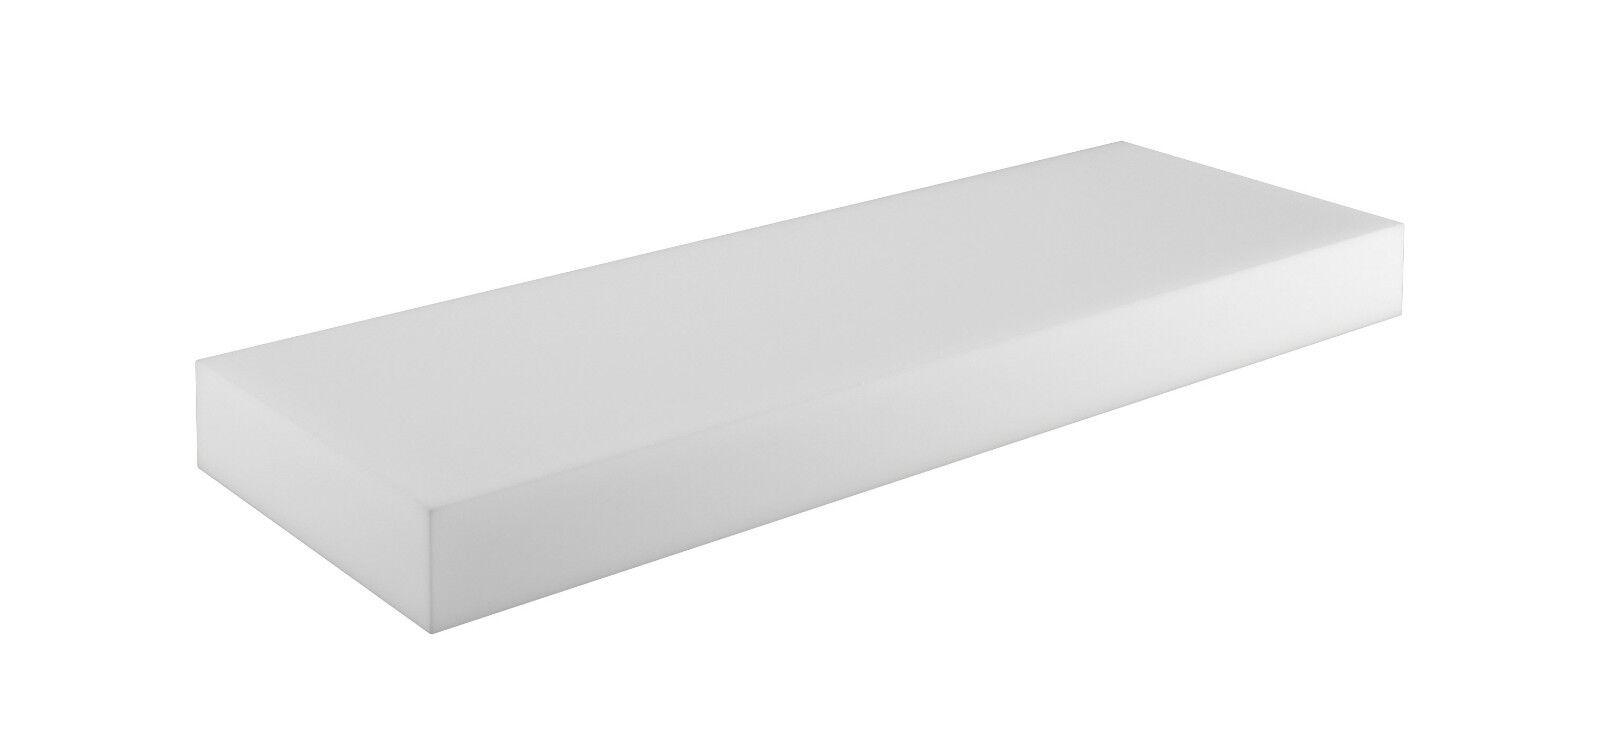 Schaumstoffplatte für Europalette Polsterauflage Matratze Zuschnitt 120x80cm Sitzkissen 120x40x10cm